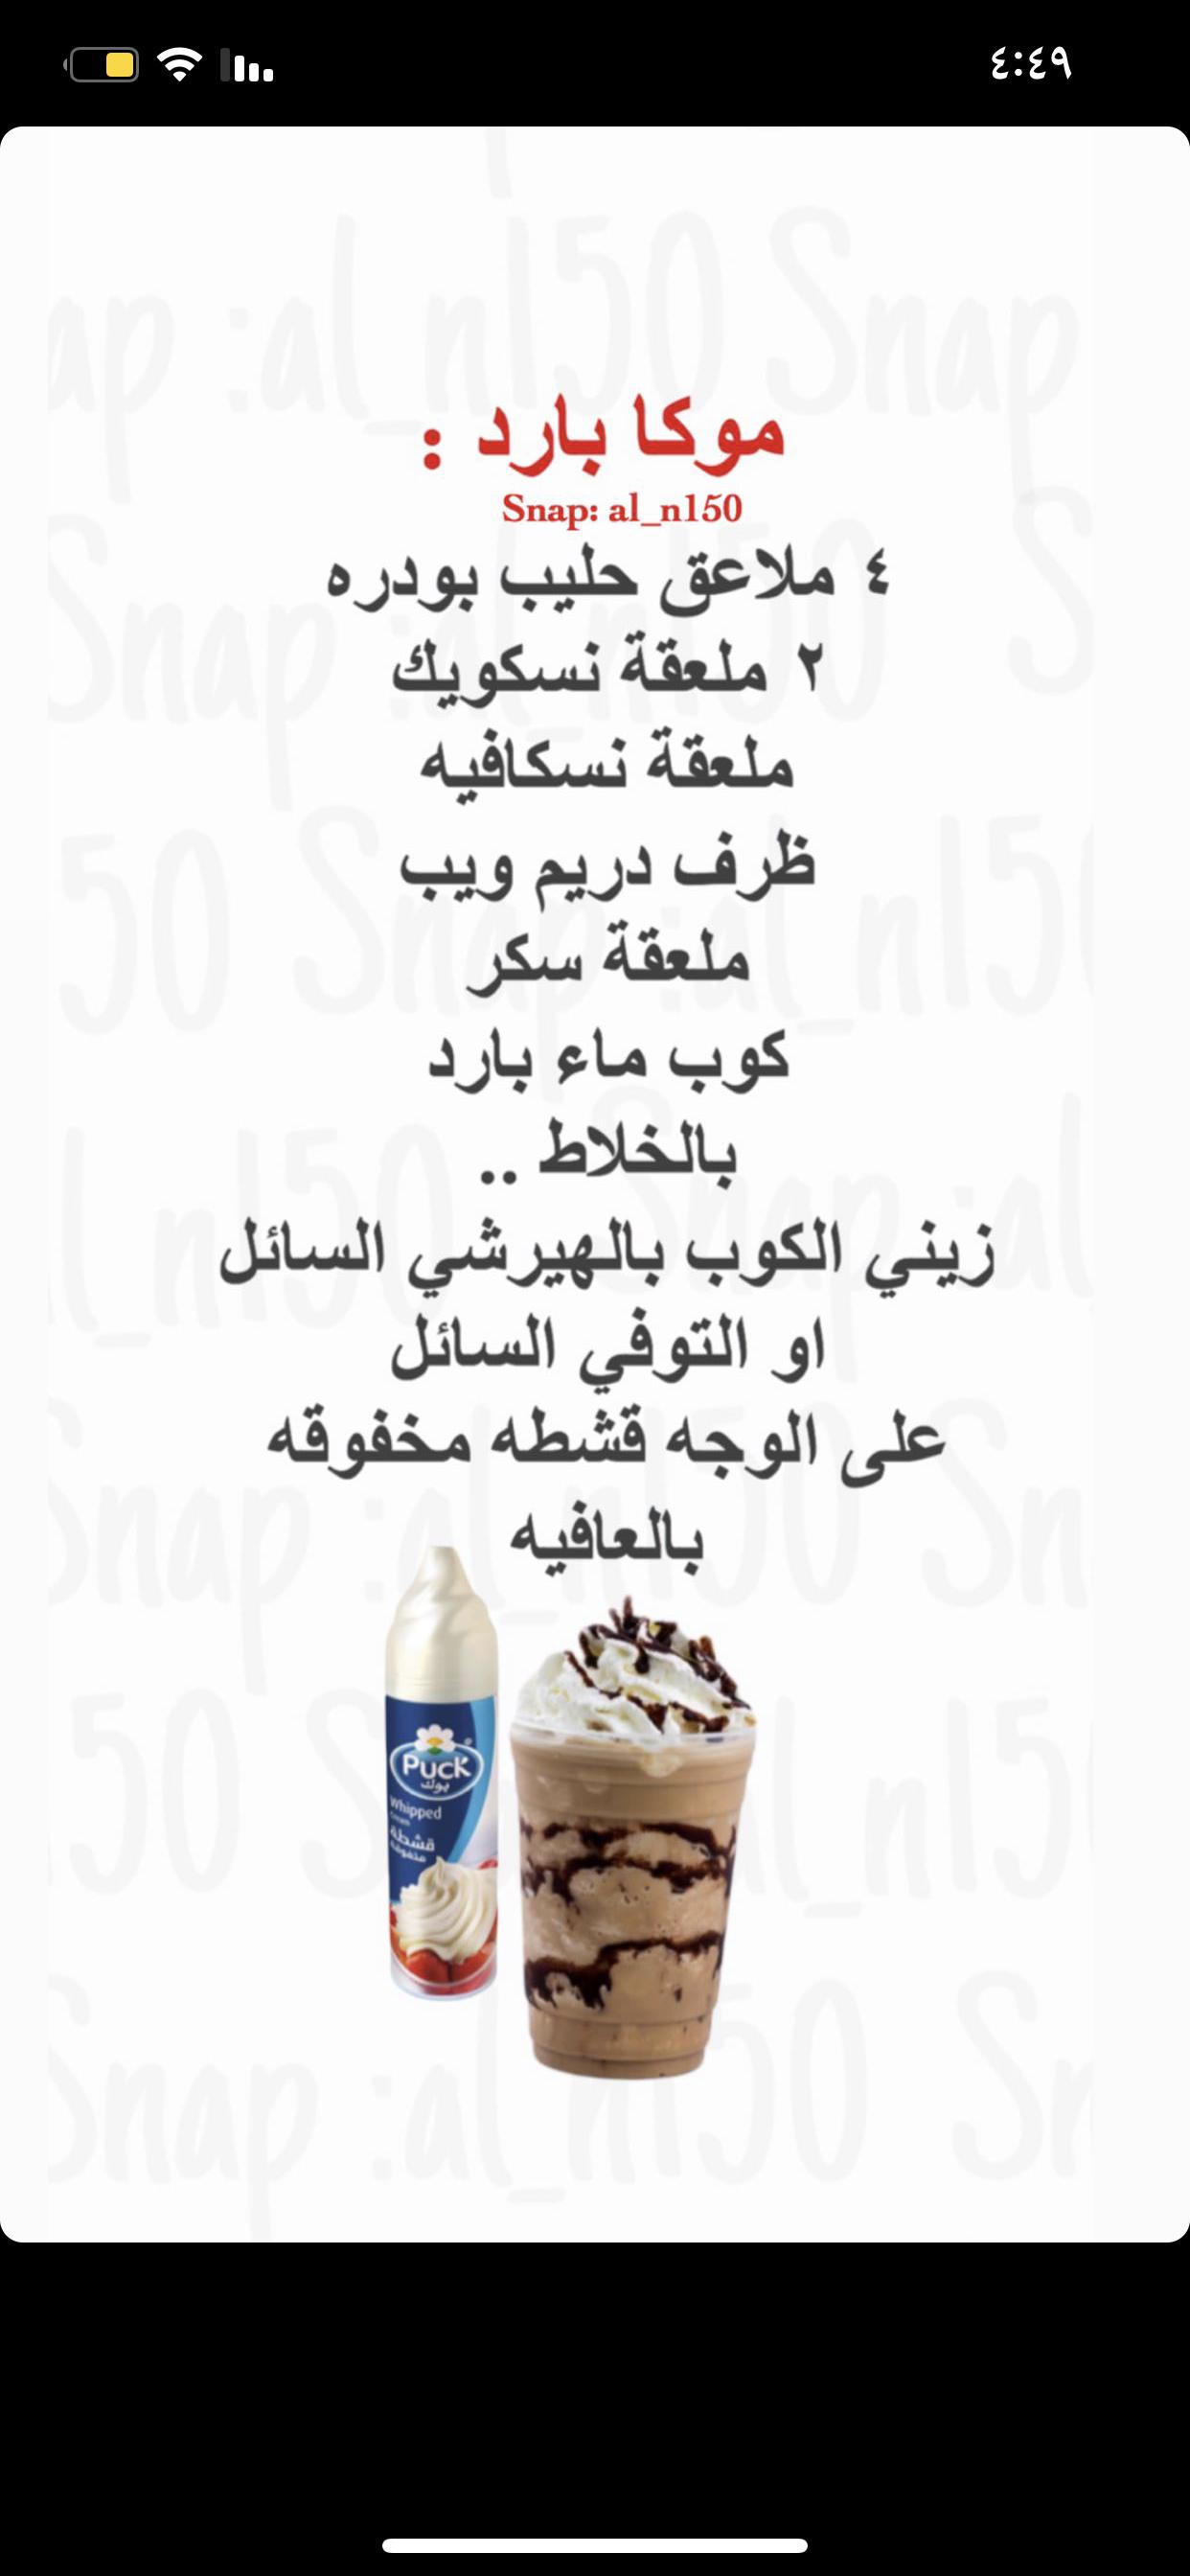 طبخ Food Snap سنابي اضافه اكسبلور فولو متابعه تصويري فولو سناب صباح الخير مساء الخير موكا Coffee Drink Recipes Yummy Food Dessert Save Food